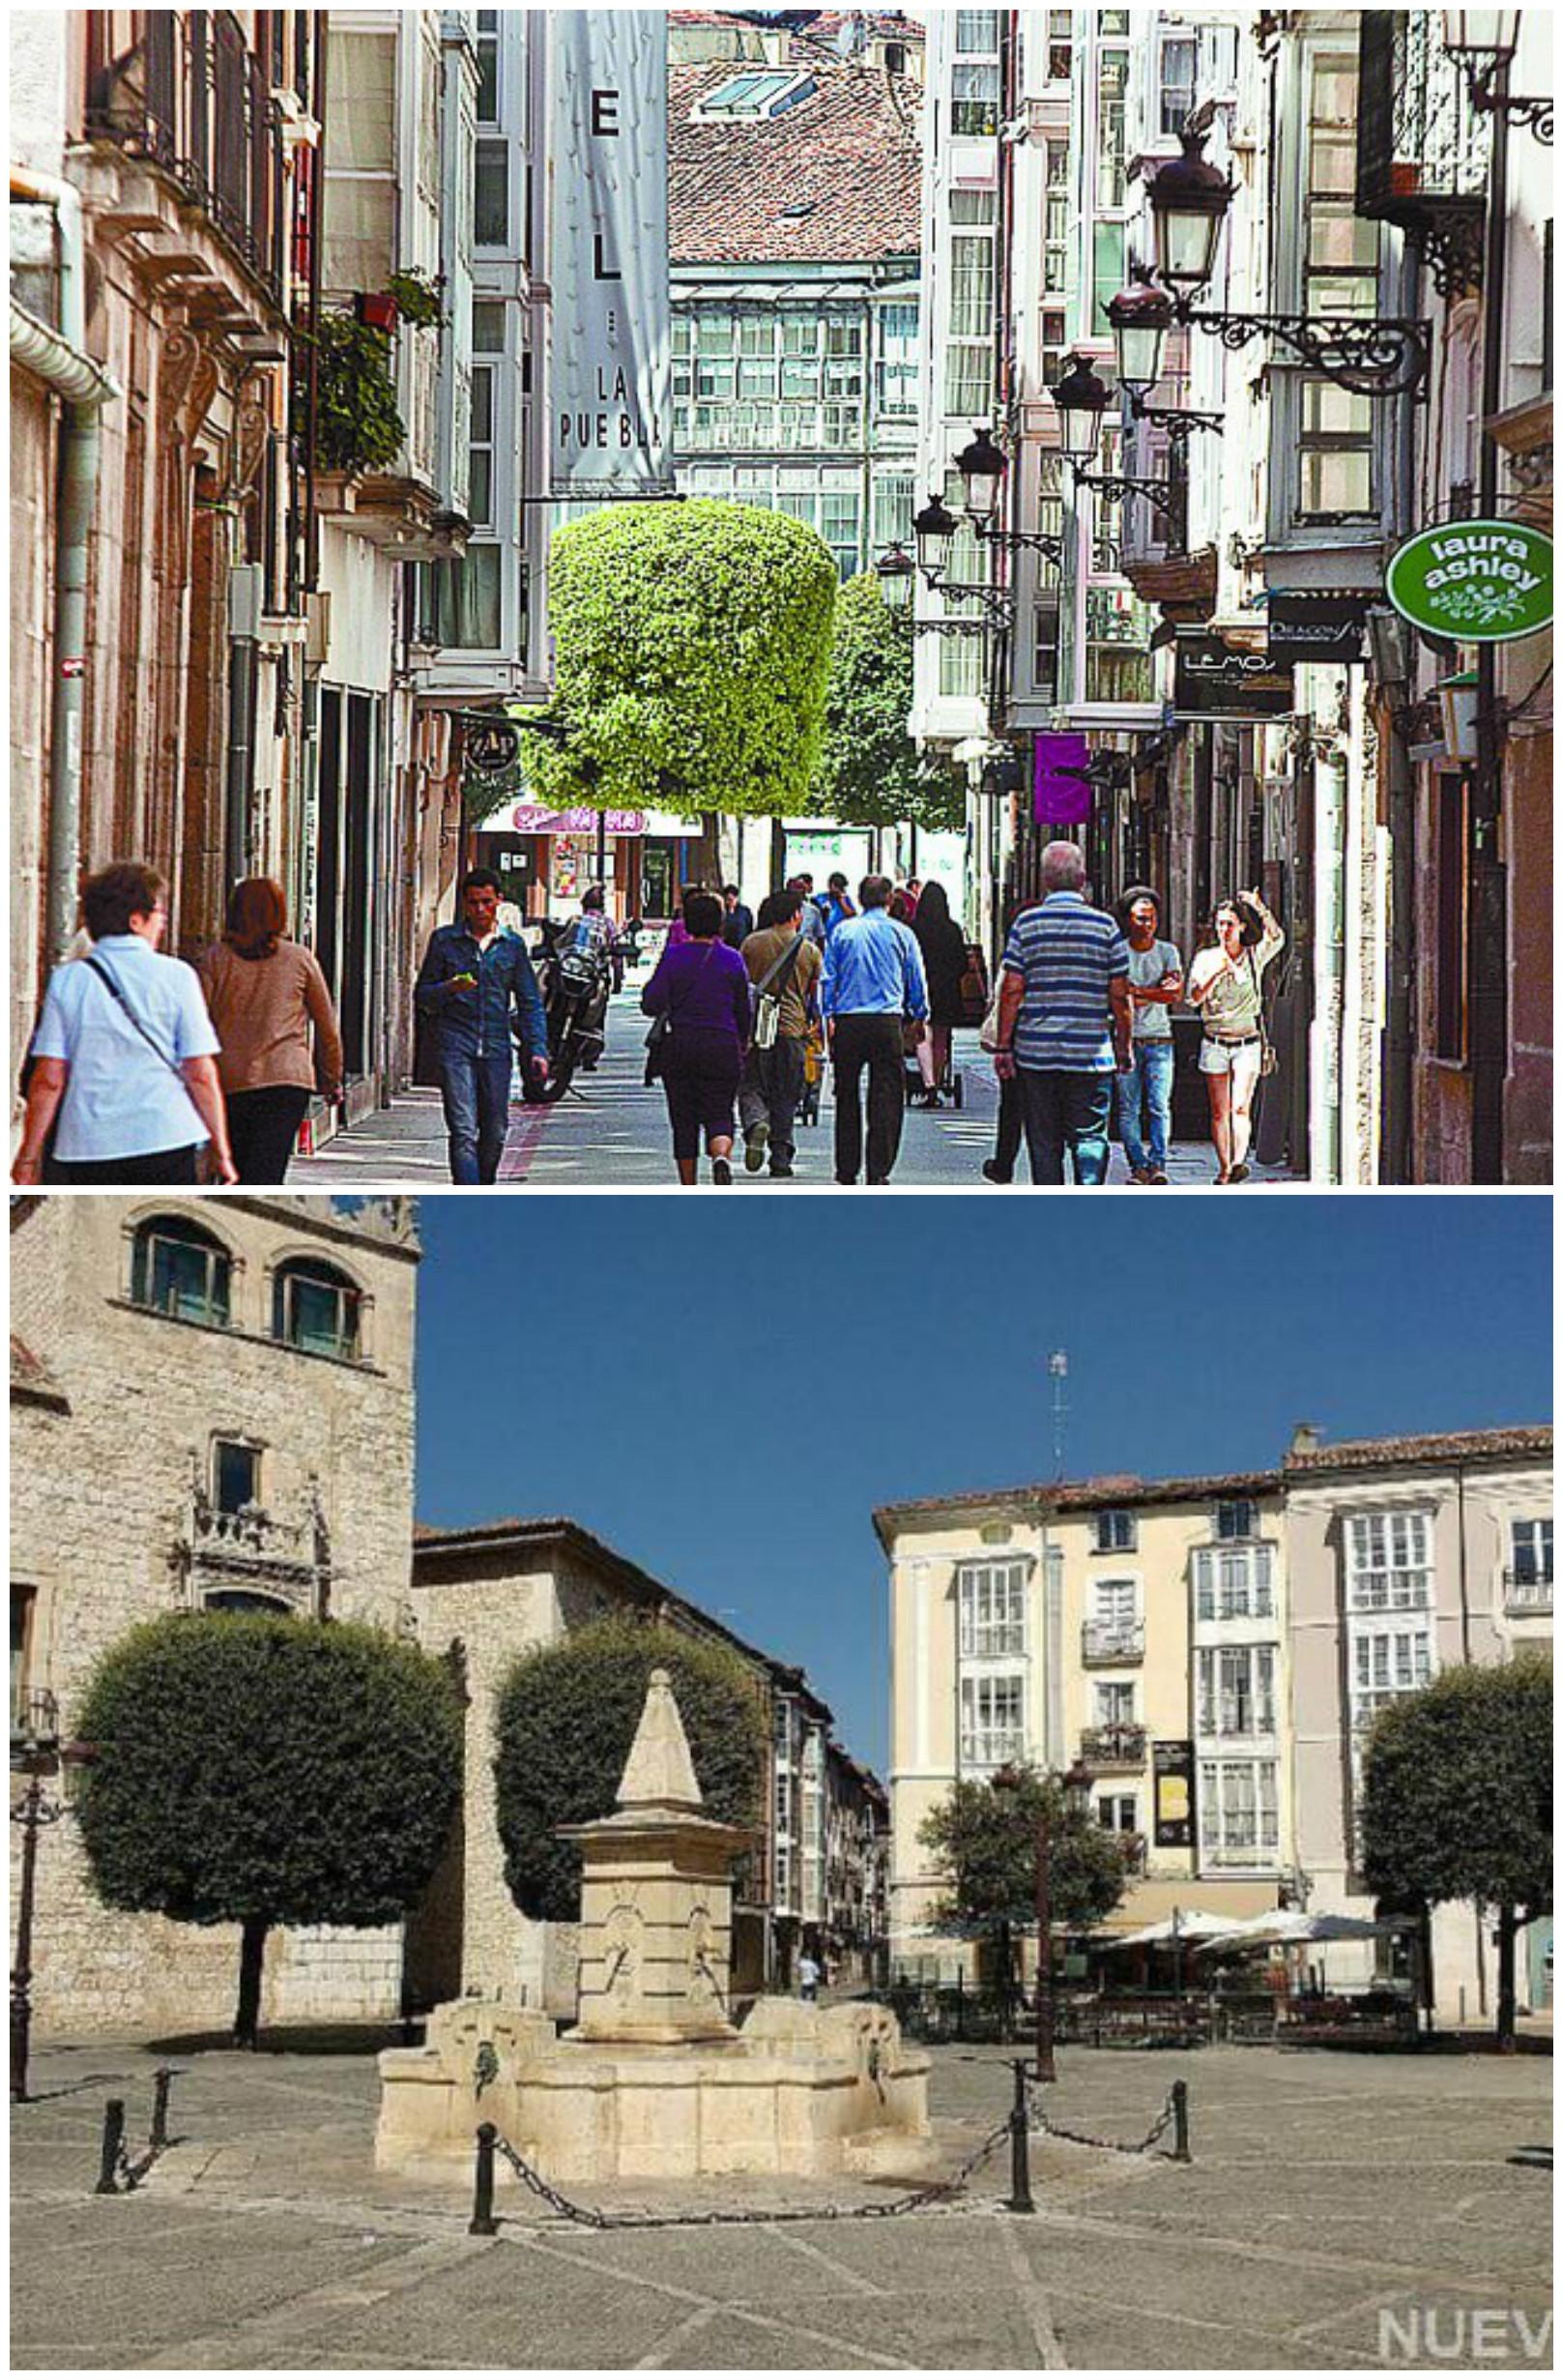 Que fácil! Hacer amigos y Ligar en Burgos